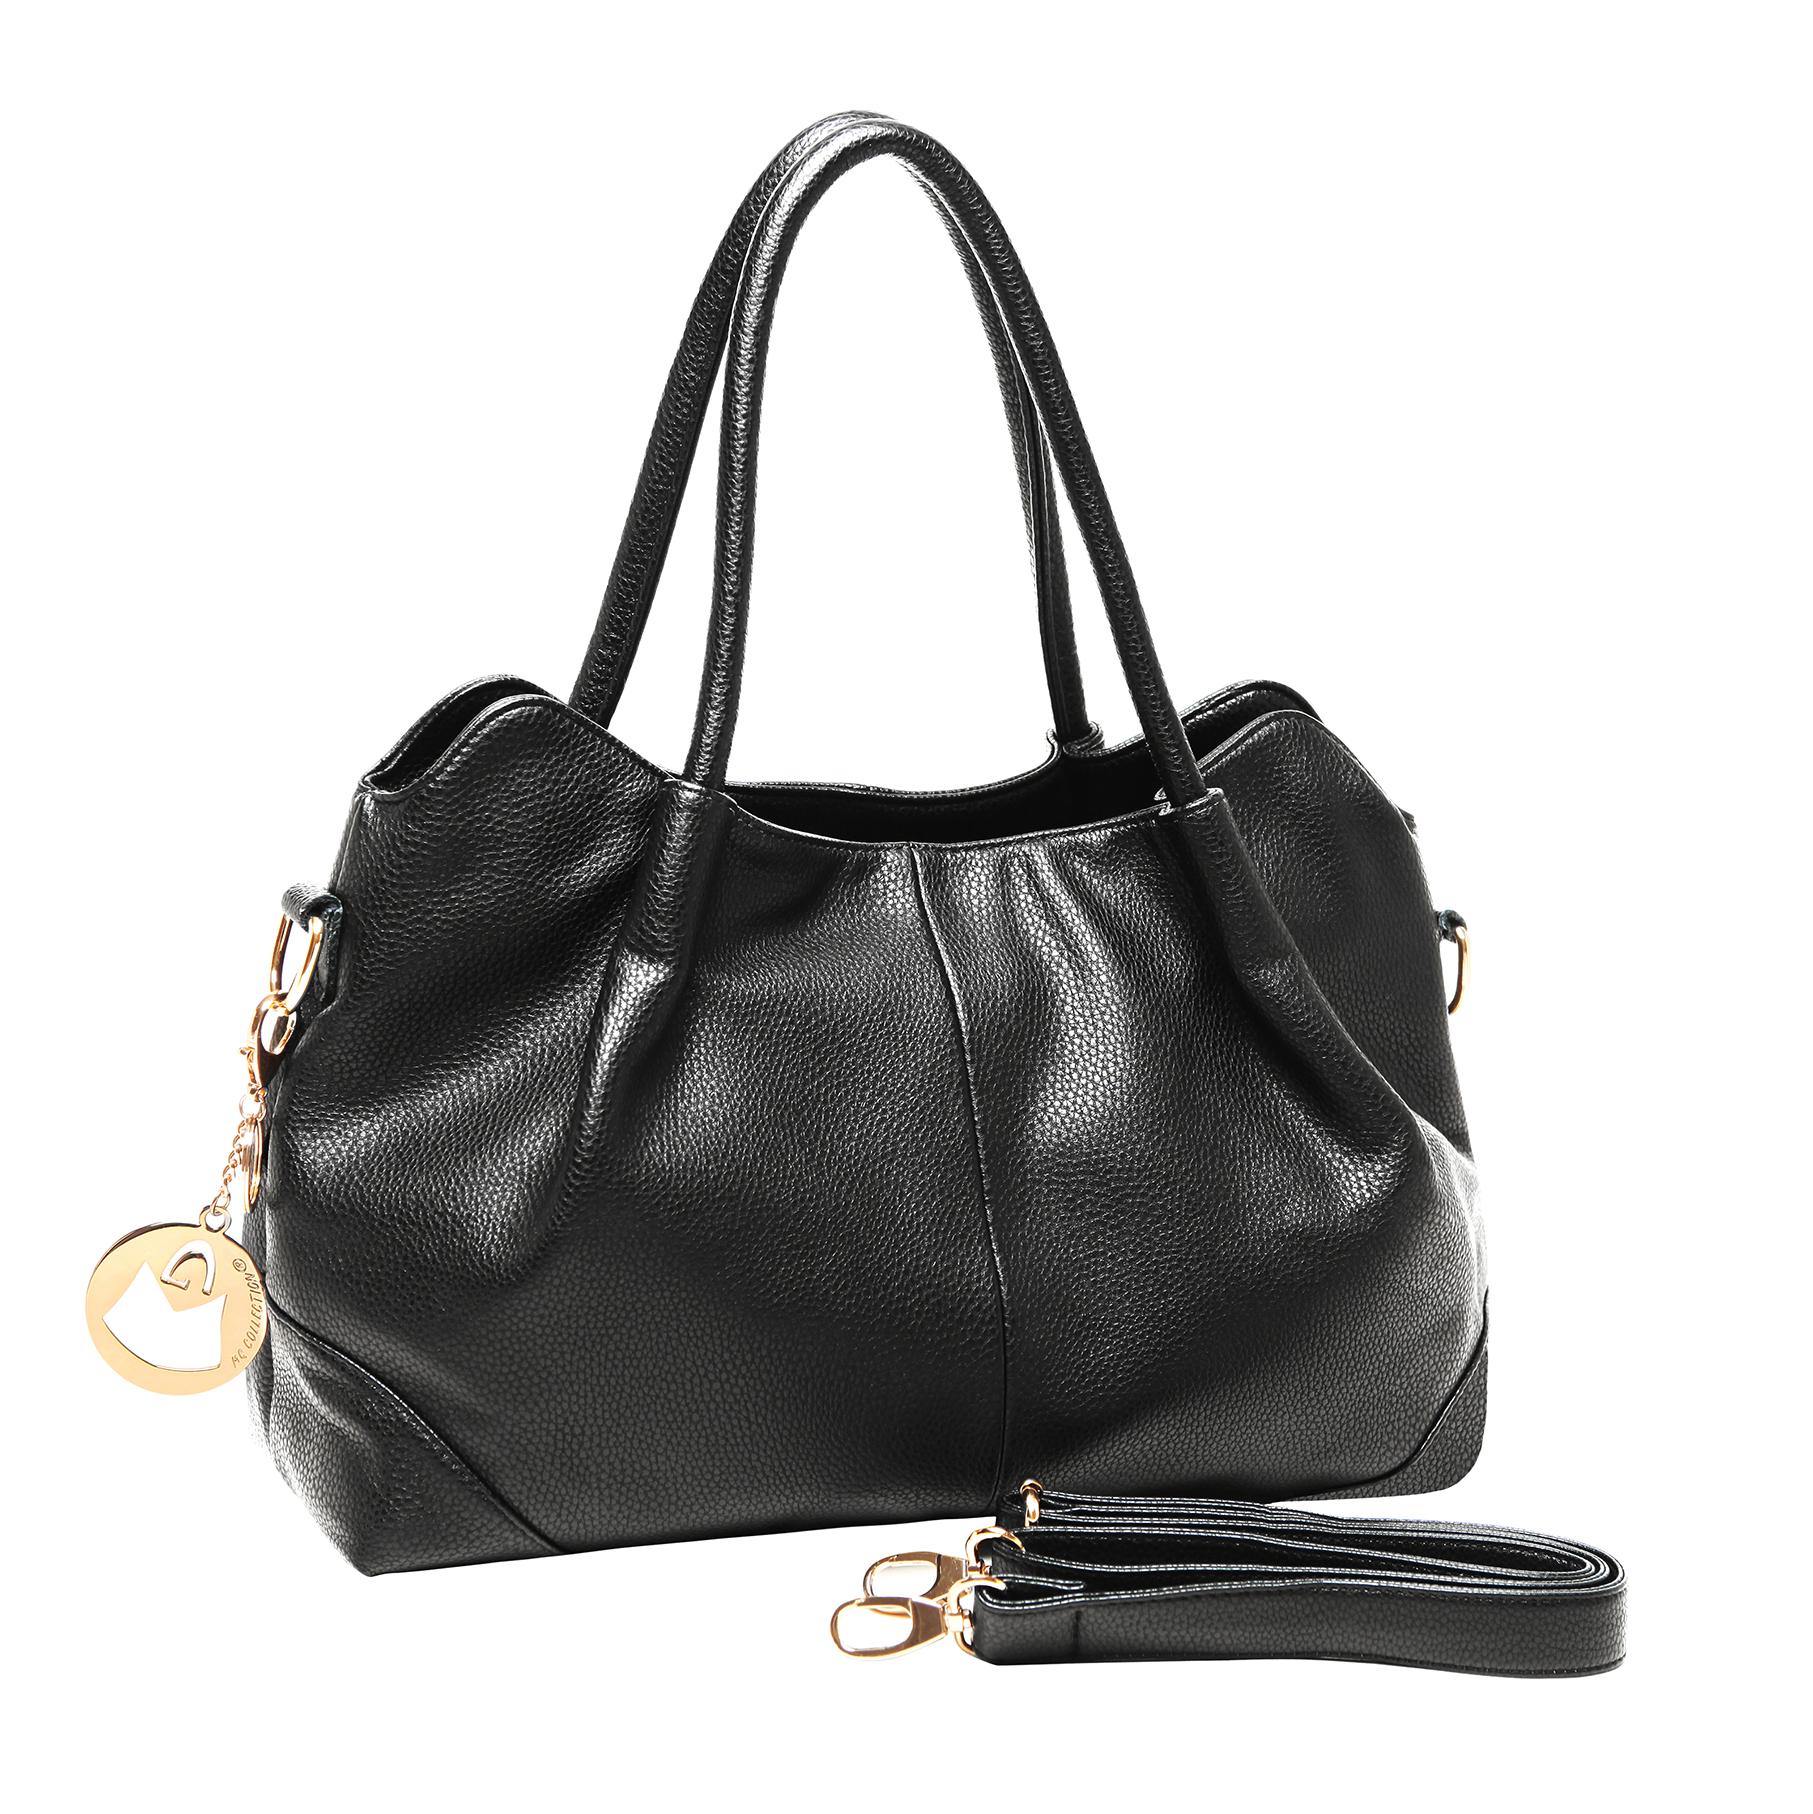 ASSA Black Classic Top Handle Shoulder Bag Handbag handle